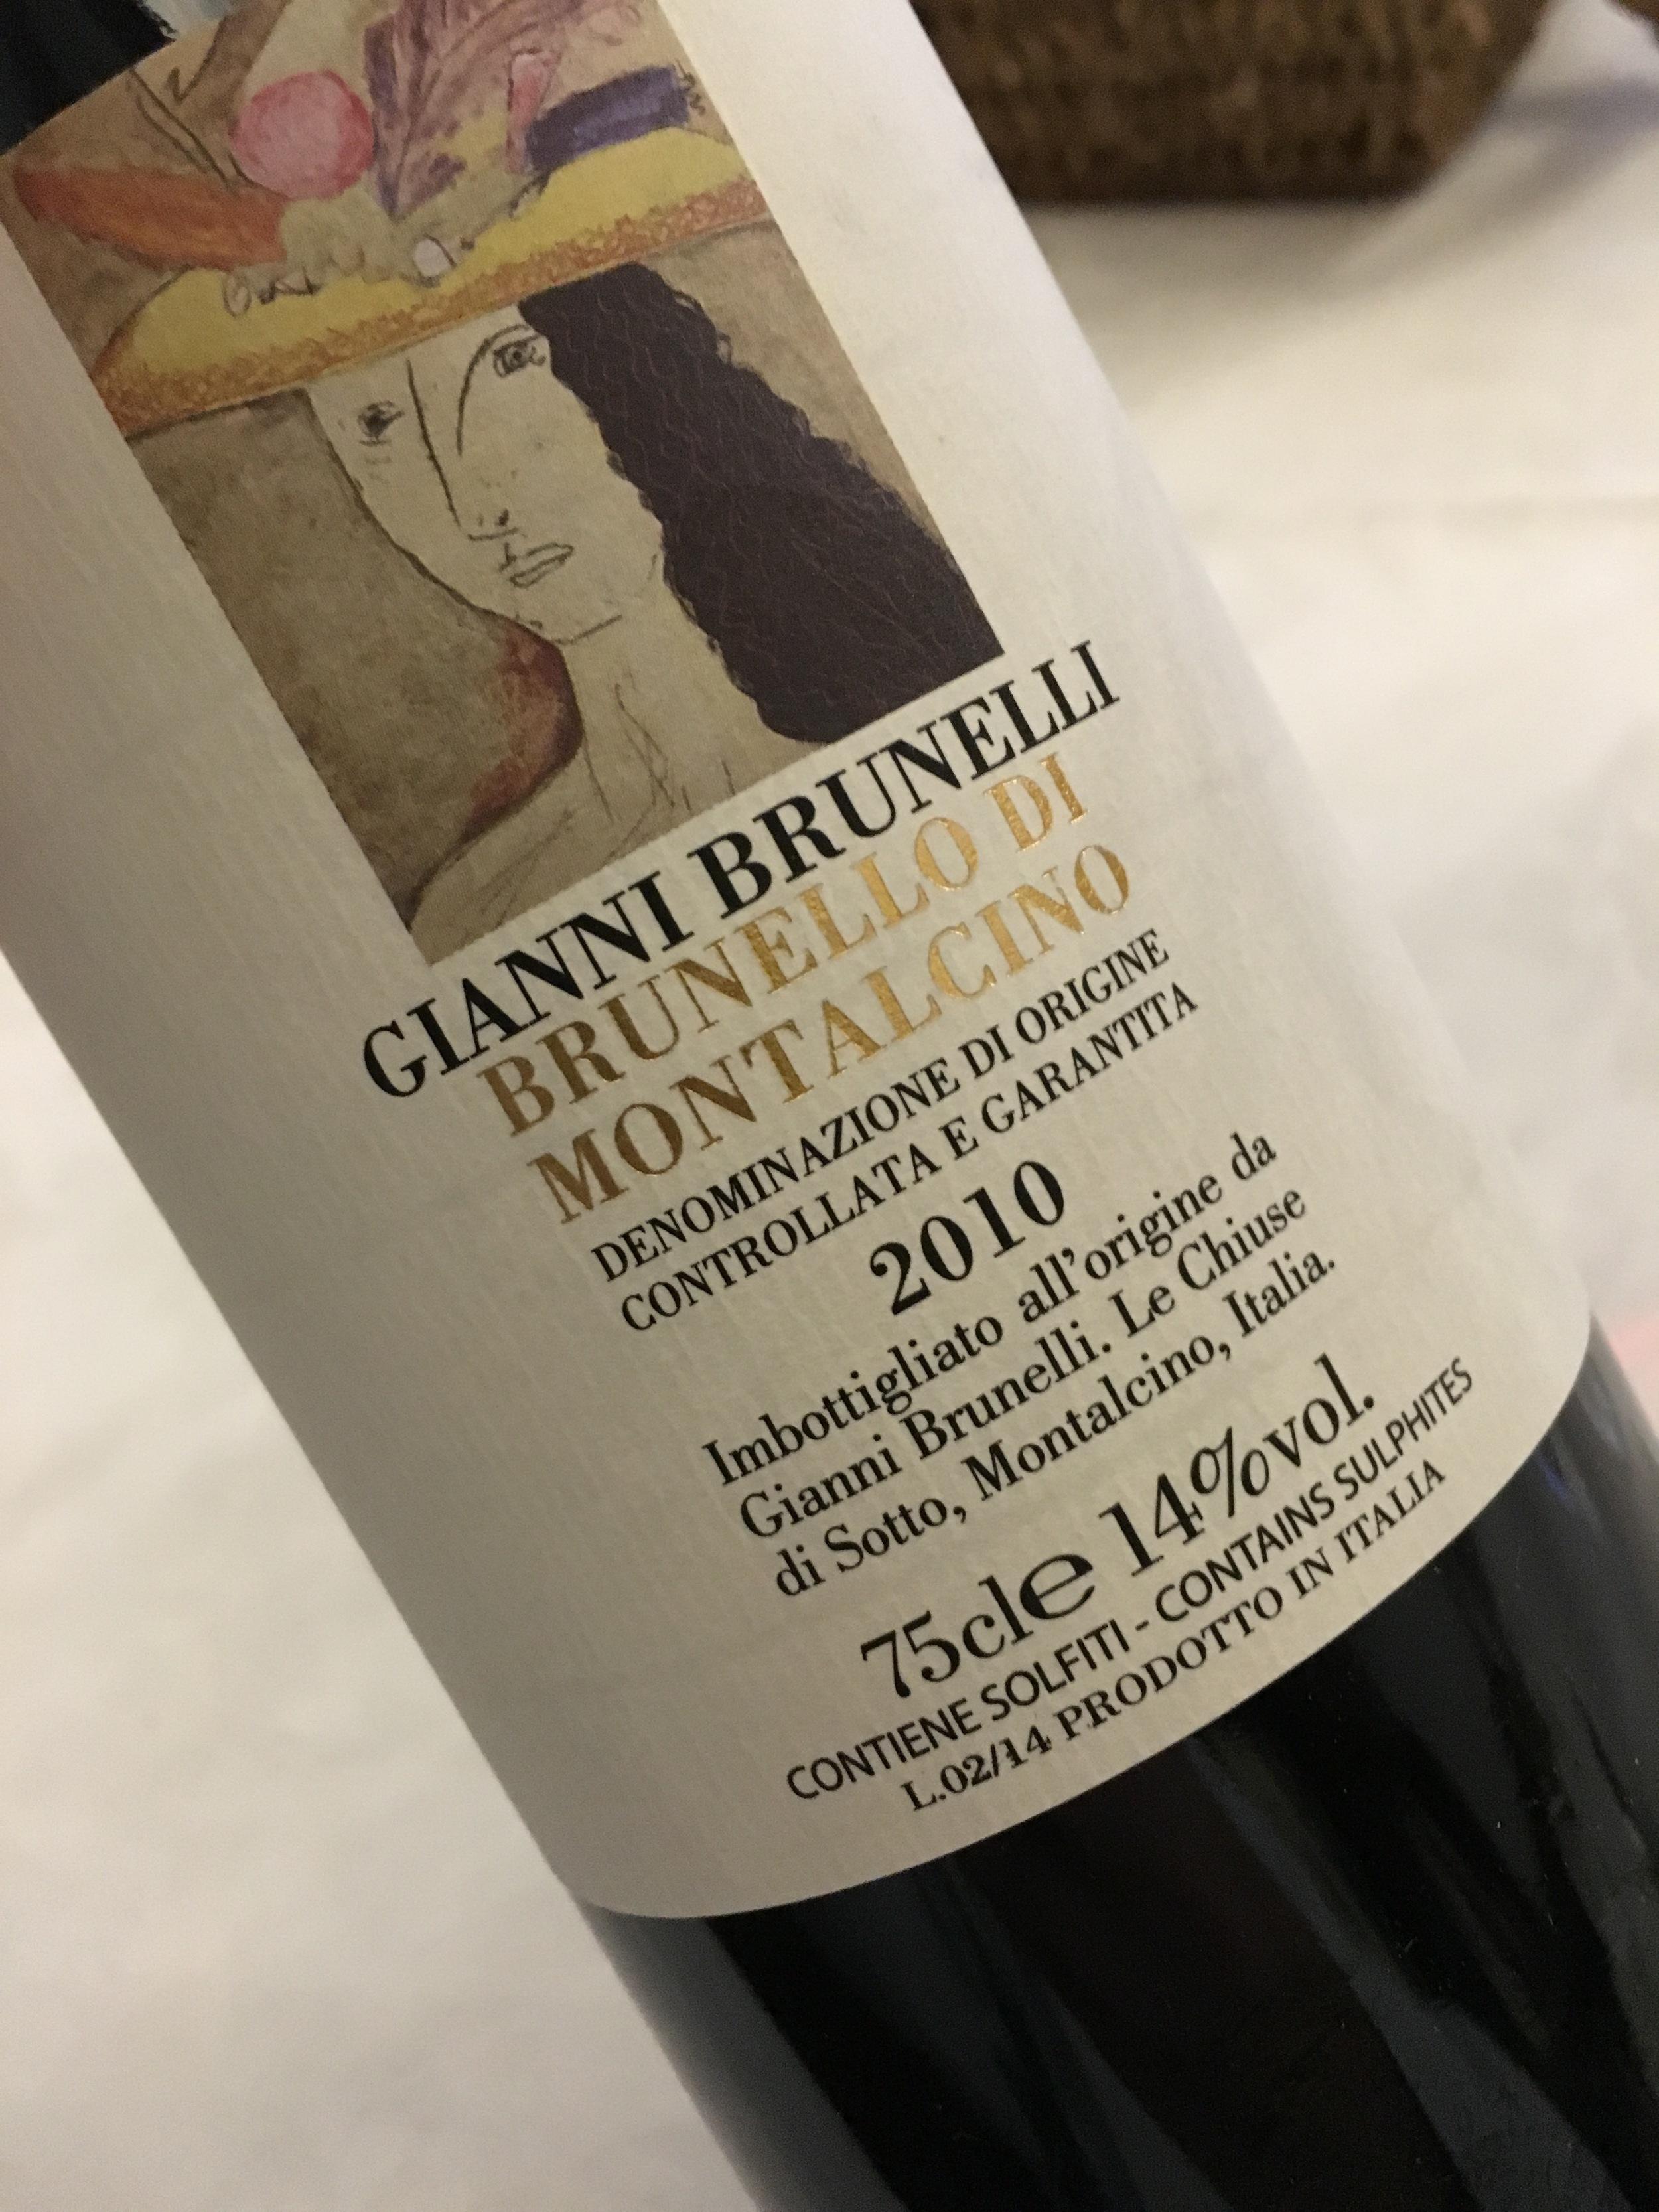 Gianni Brunelli 2010 Brunello di Montalcino